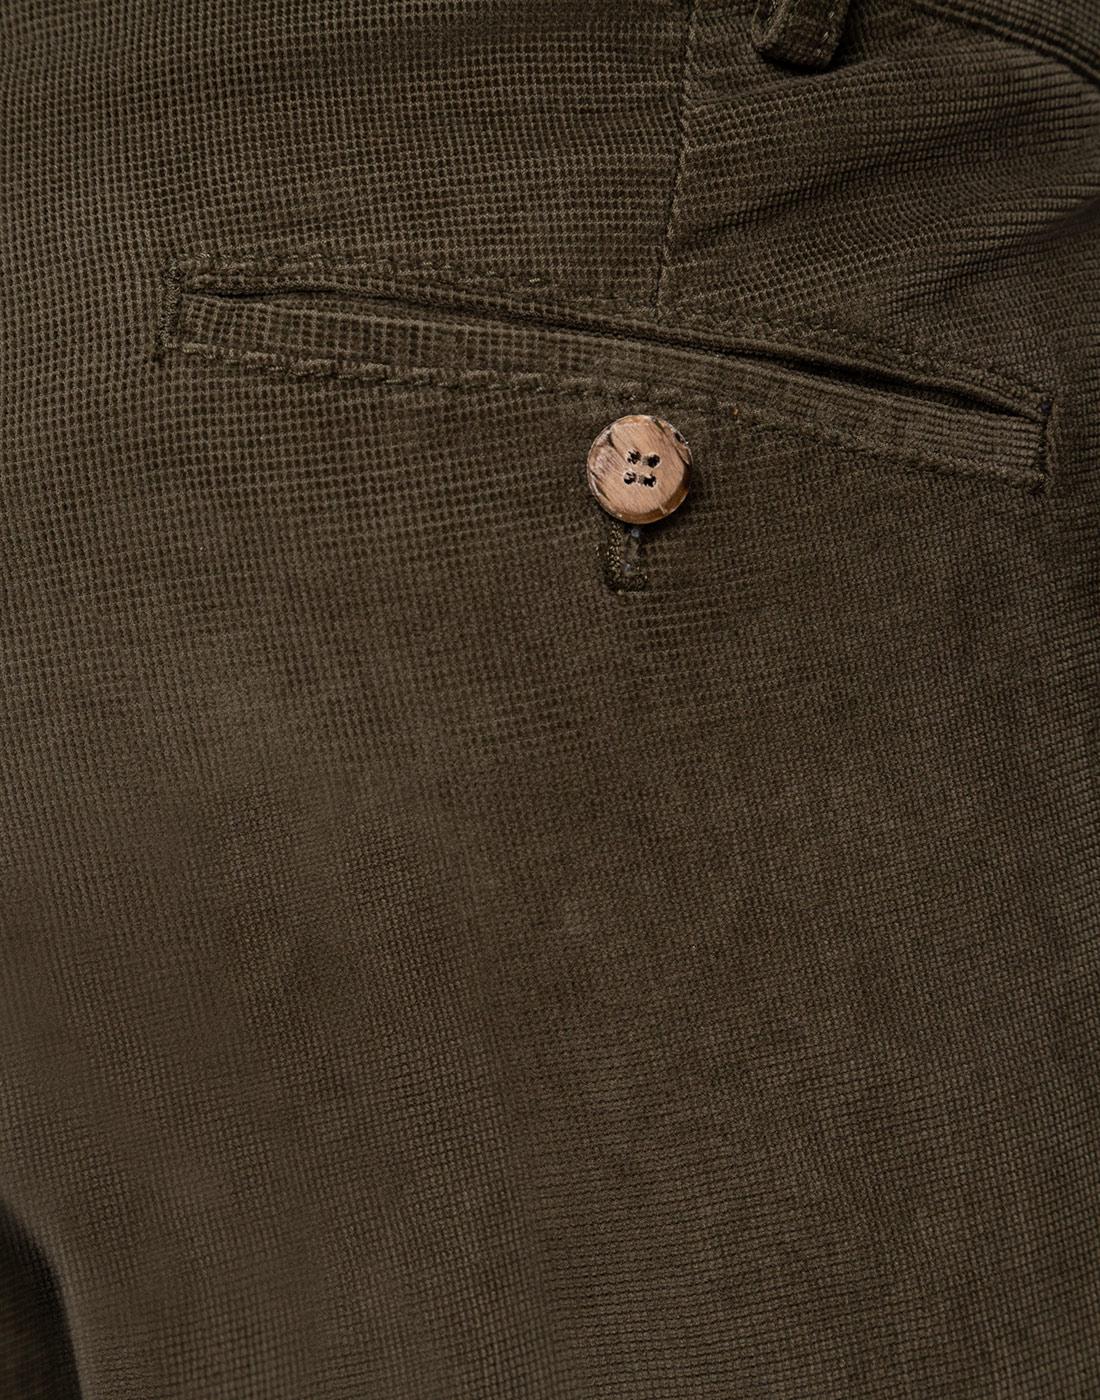 Мужские оливковые вельветовые брюки Hiltl  S72523 23 58300-6